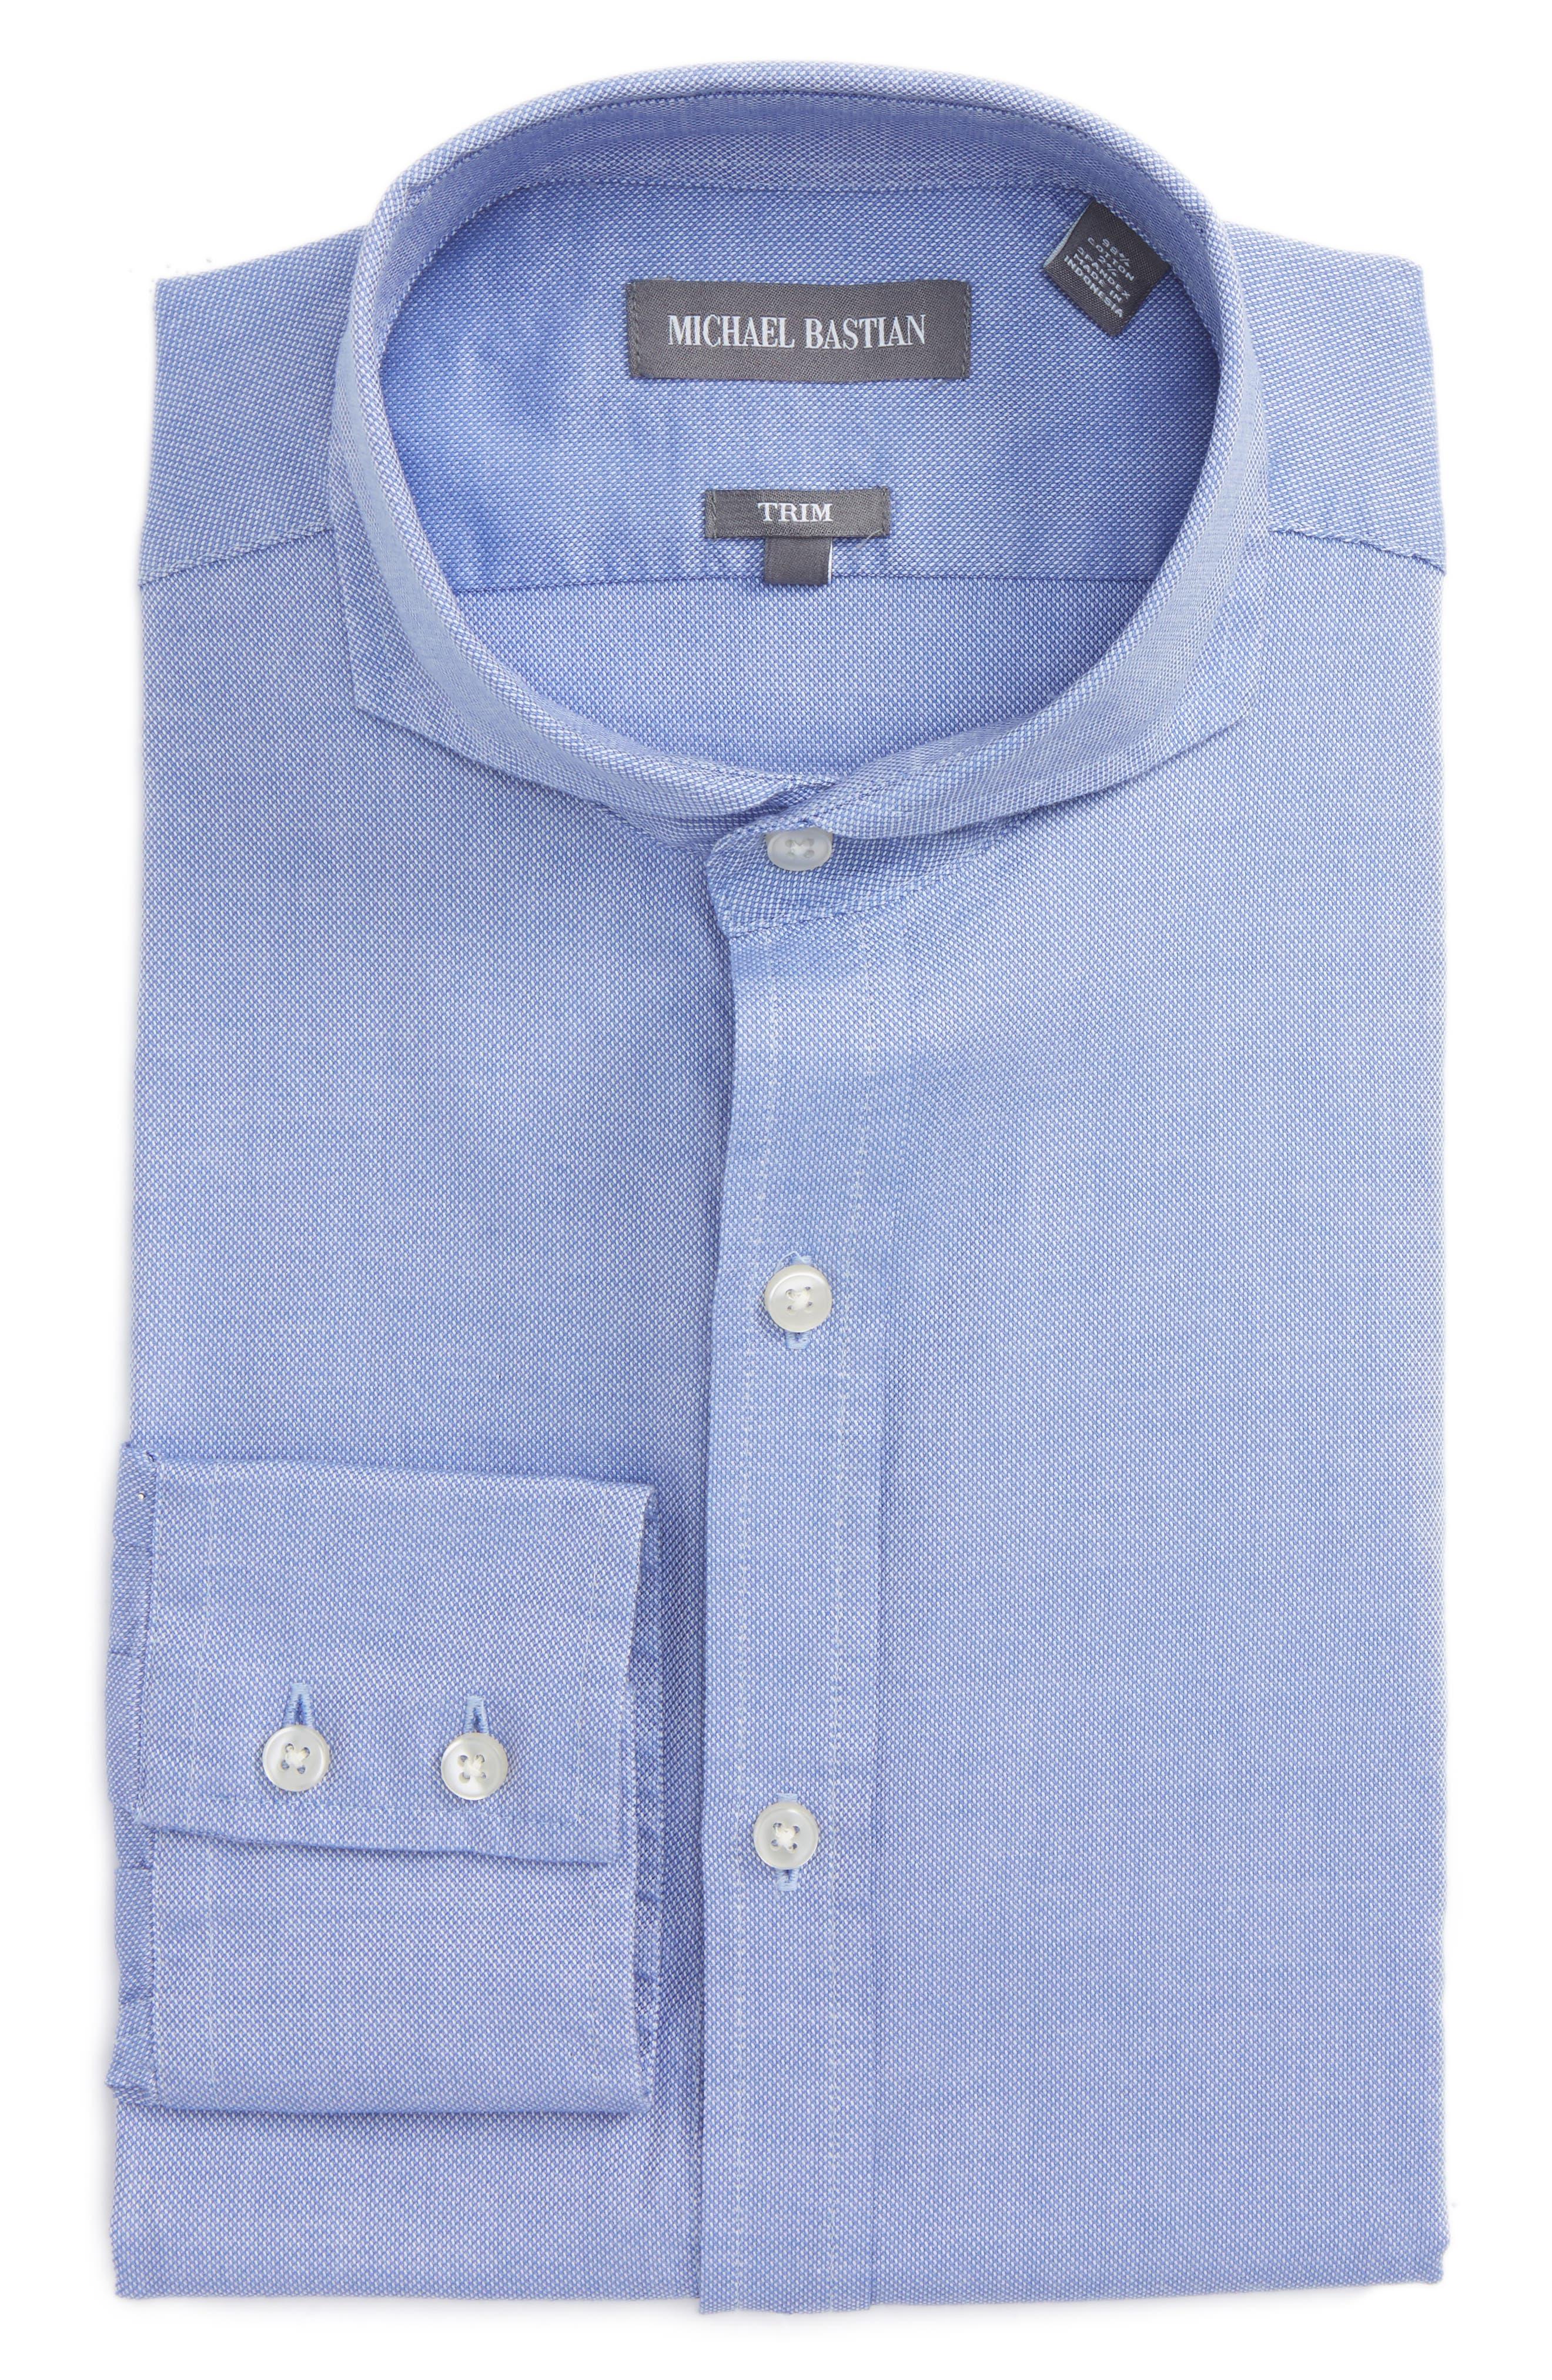 Trim Fit Oxford Dress Shirt,                             Main thumbnail 1, color,                             Blue